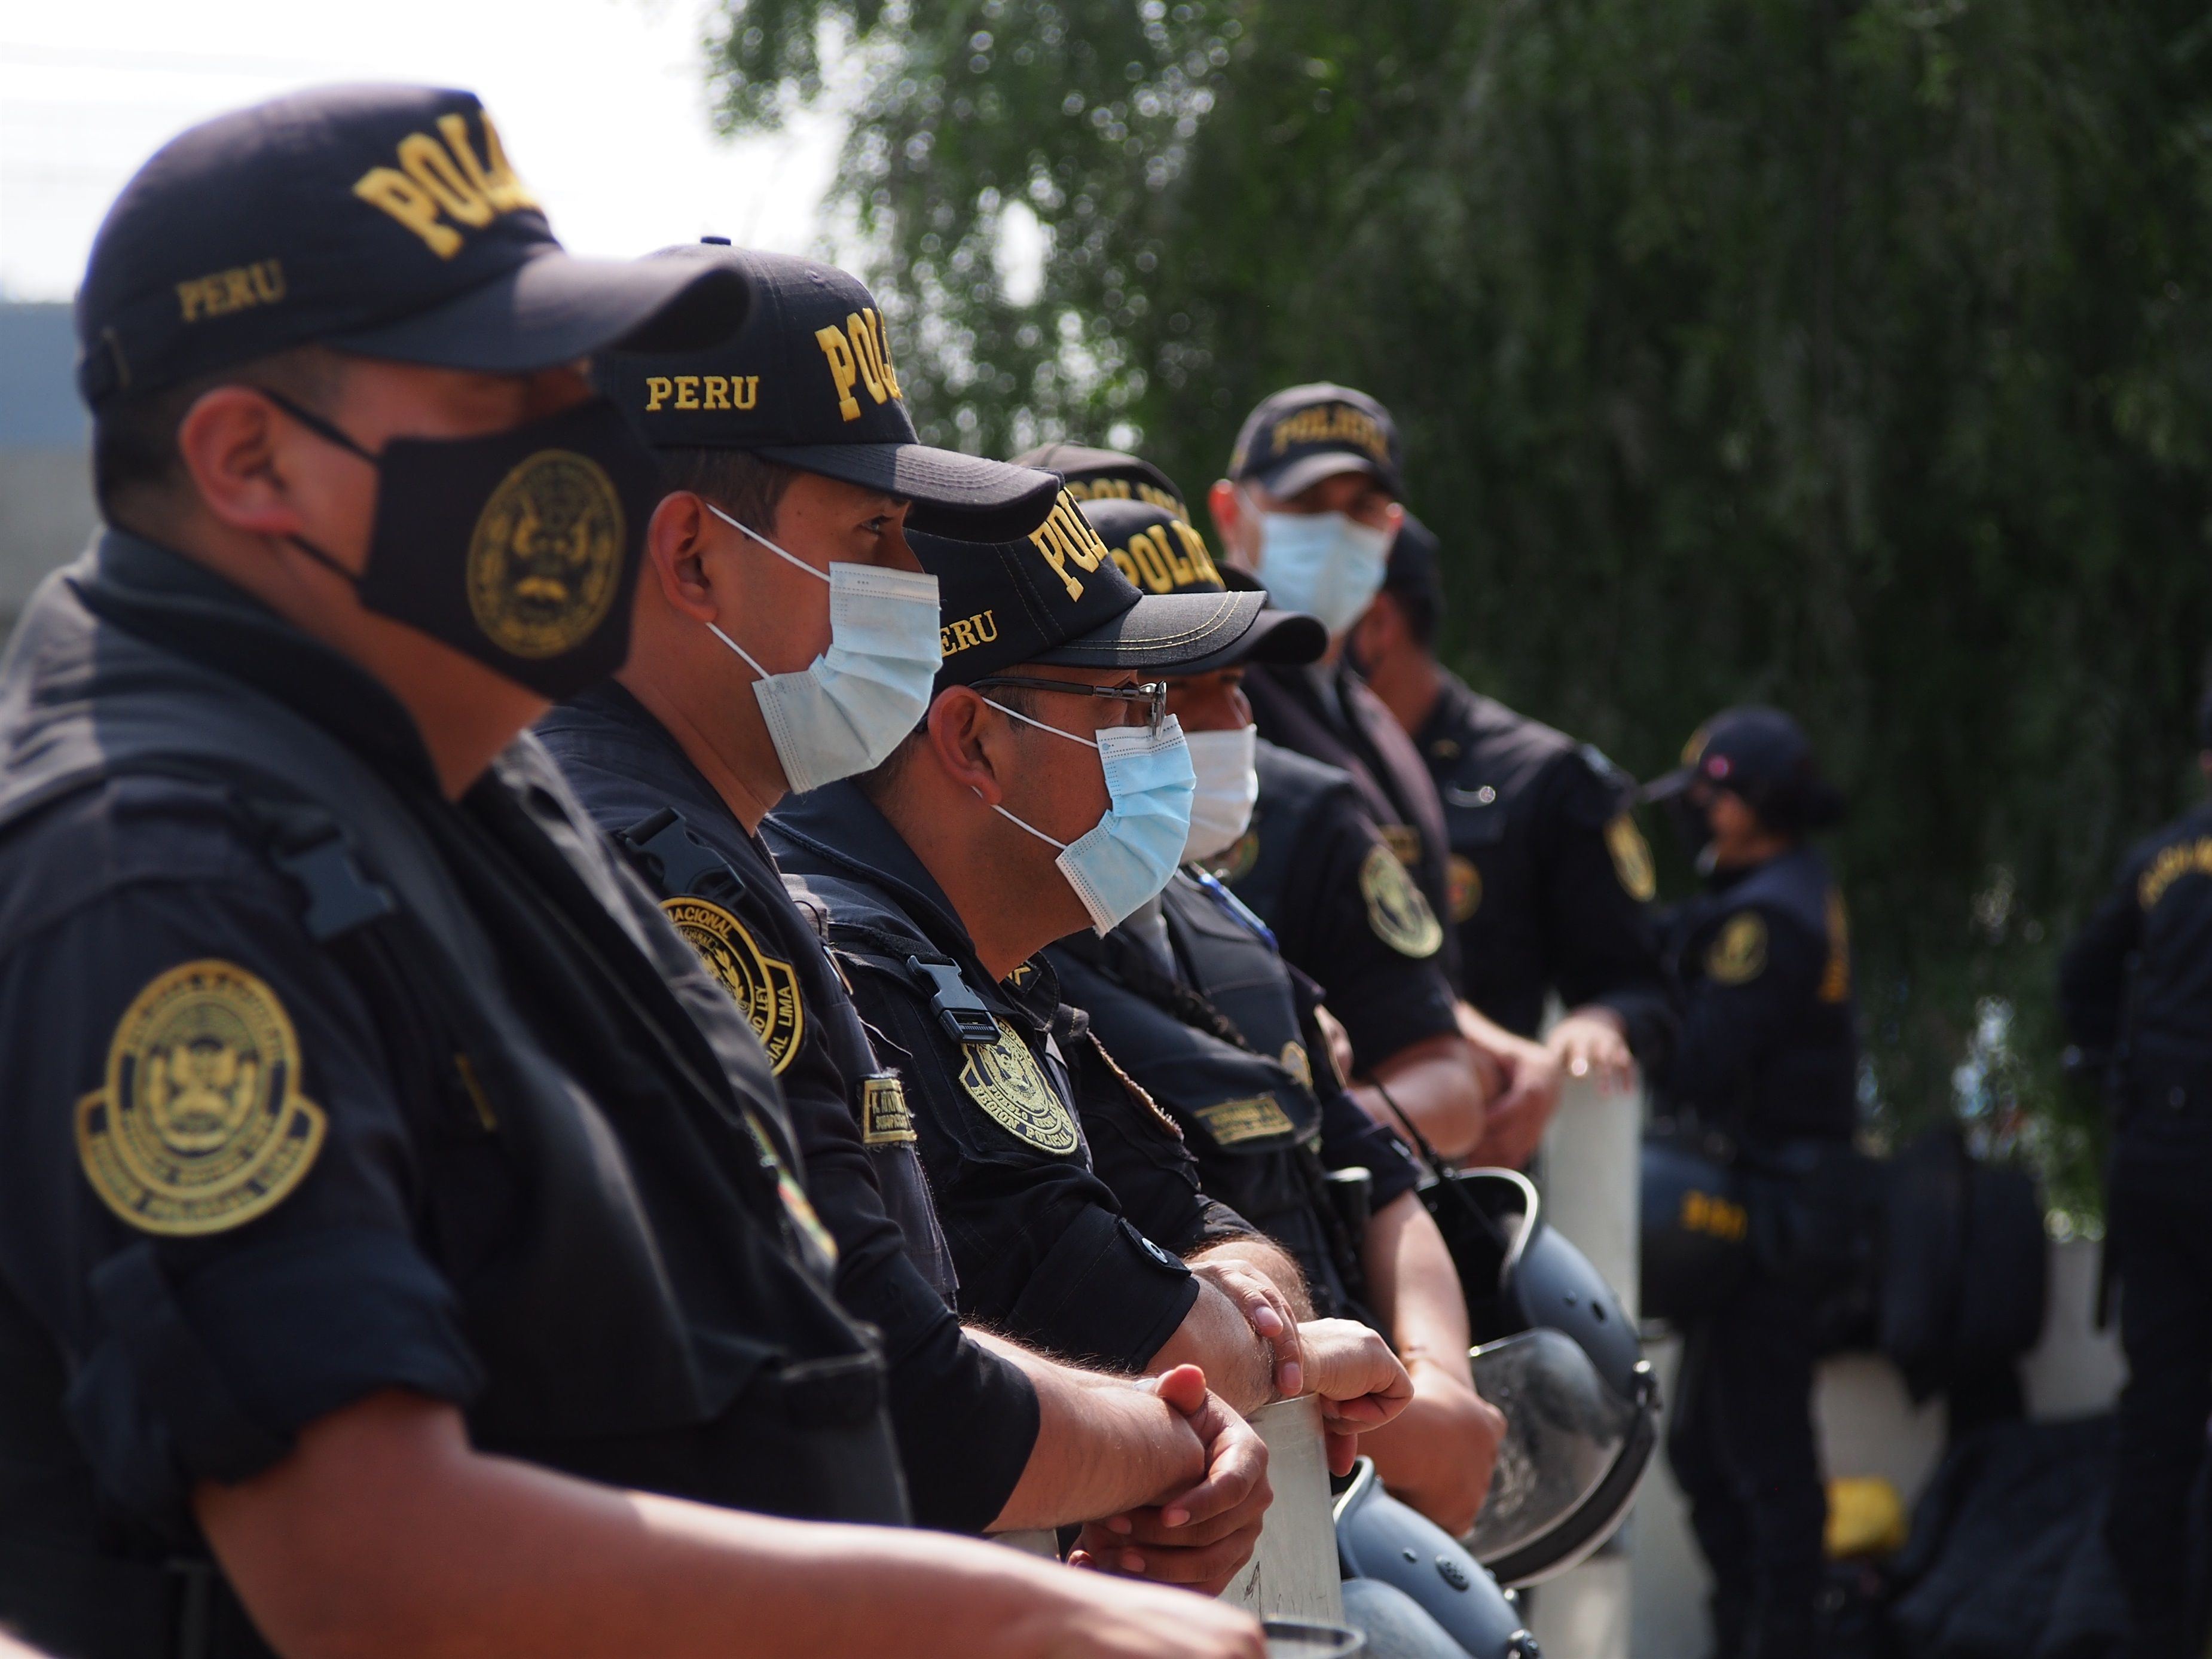 Aumentó en 34% la cantidad de denuncias de trata de personas en Perú (FOTO: EUROPA PRESS)